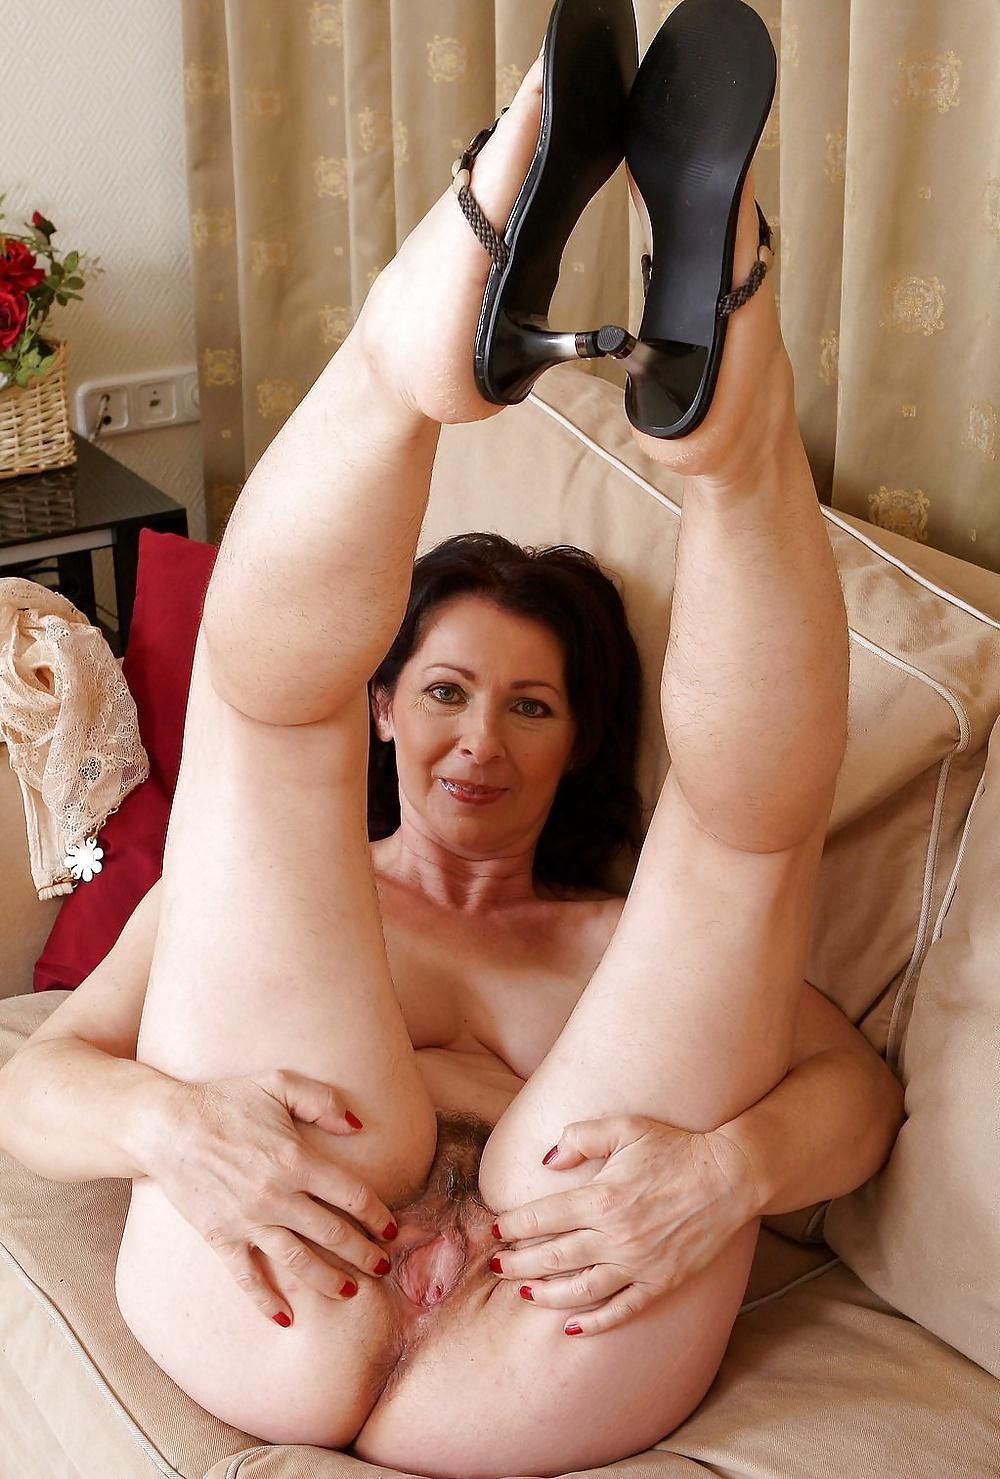 Голые зрелые женщины порно лежит на спине на диване задрав вверх ноги в открытых босоножках на каблуке, руками широко раскрывает свою пизду, смотрит в камеру похотливо улыбается